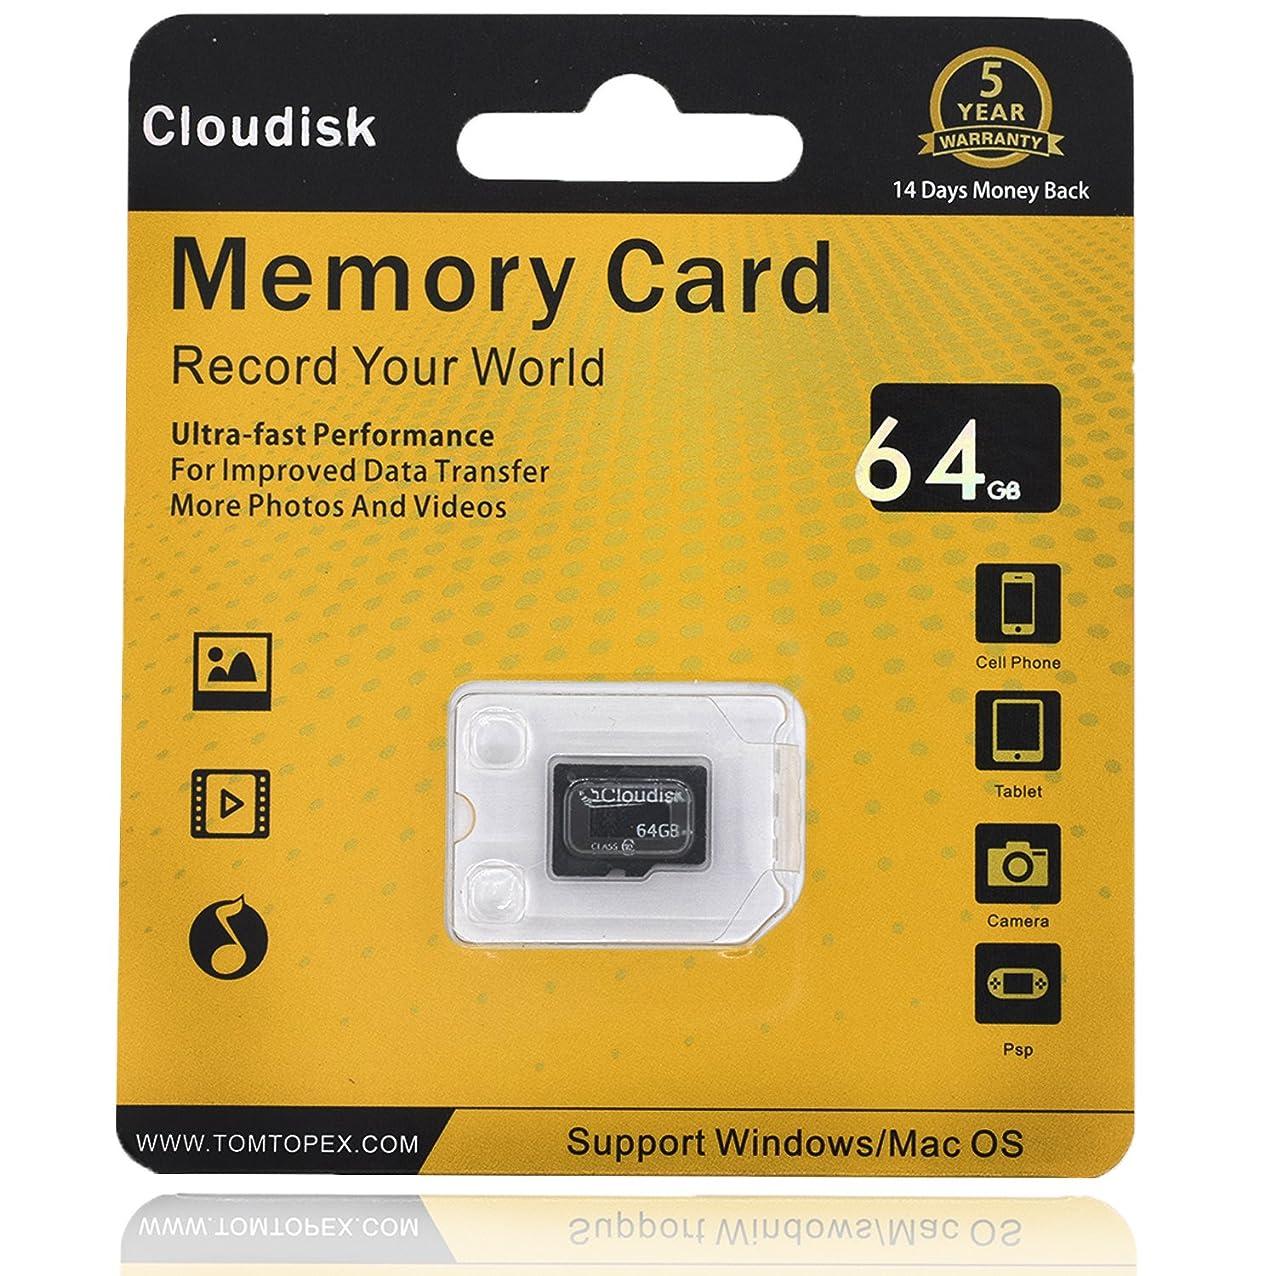 リング周囲特異なcloudiskメモリカード64?GB Micro SDカードExtreme Pro microSDカードProfessional 1080pフルHDビデオ撮影TFフラッシュ